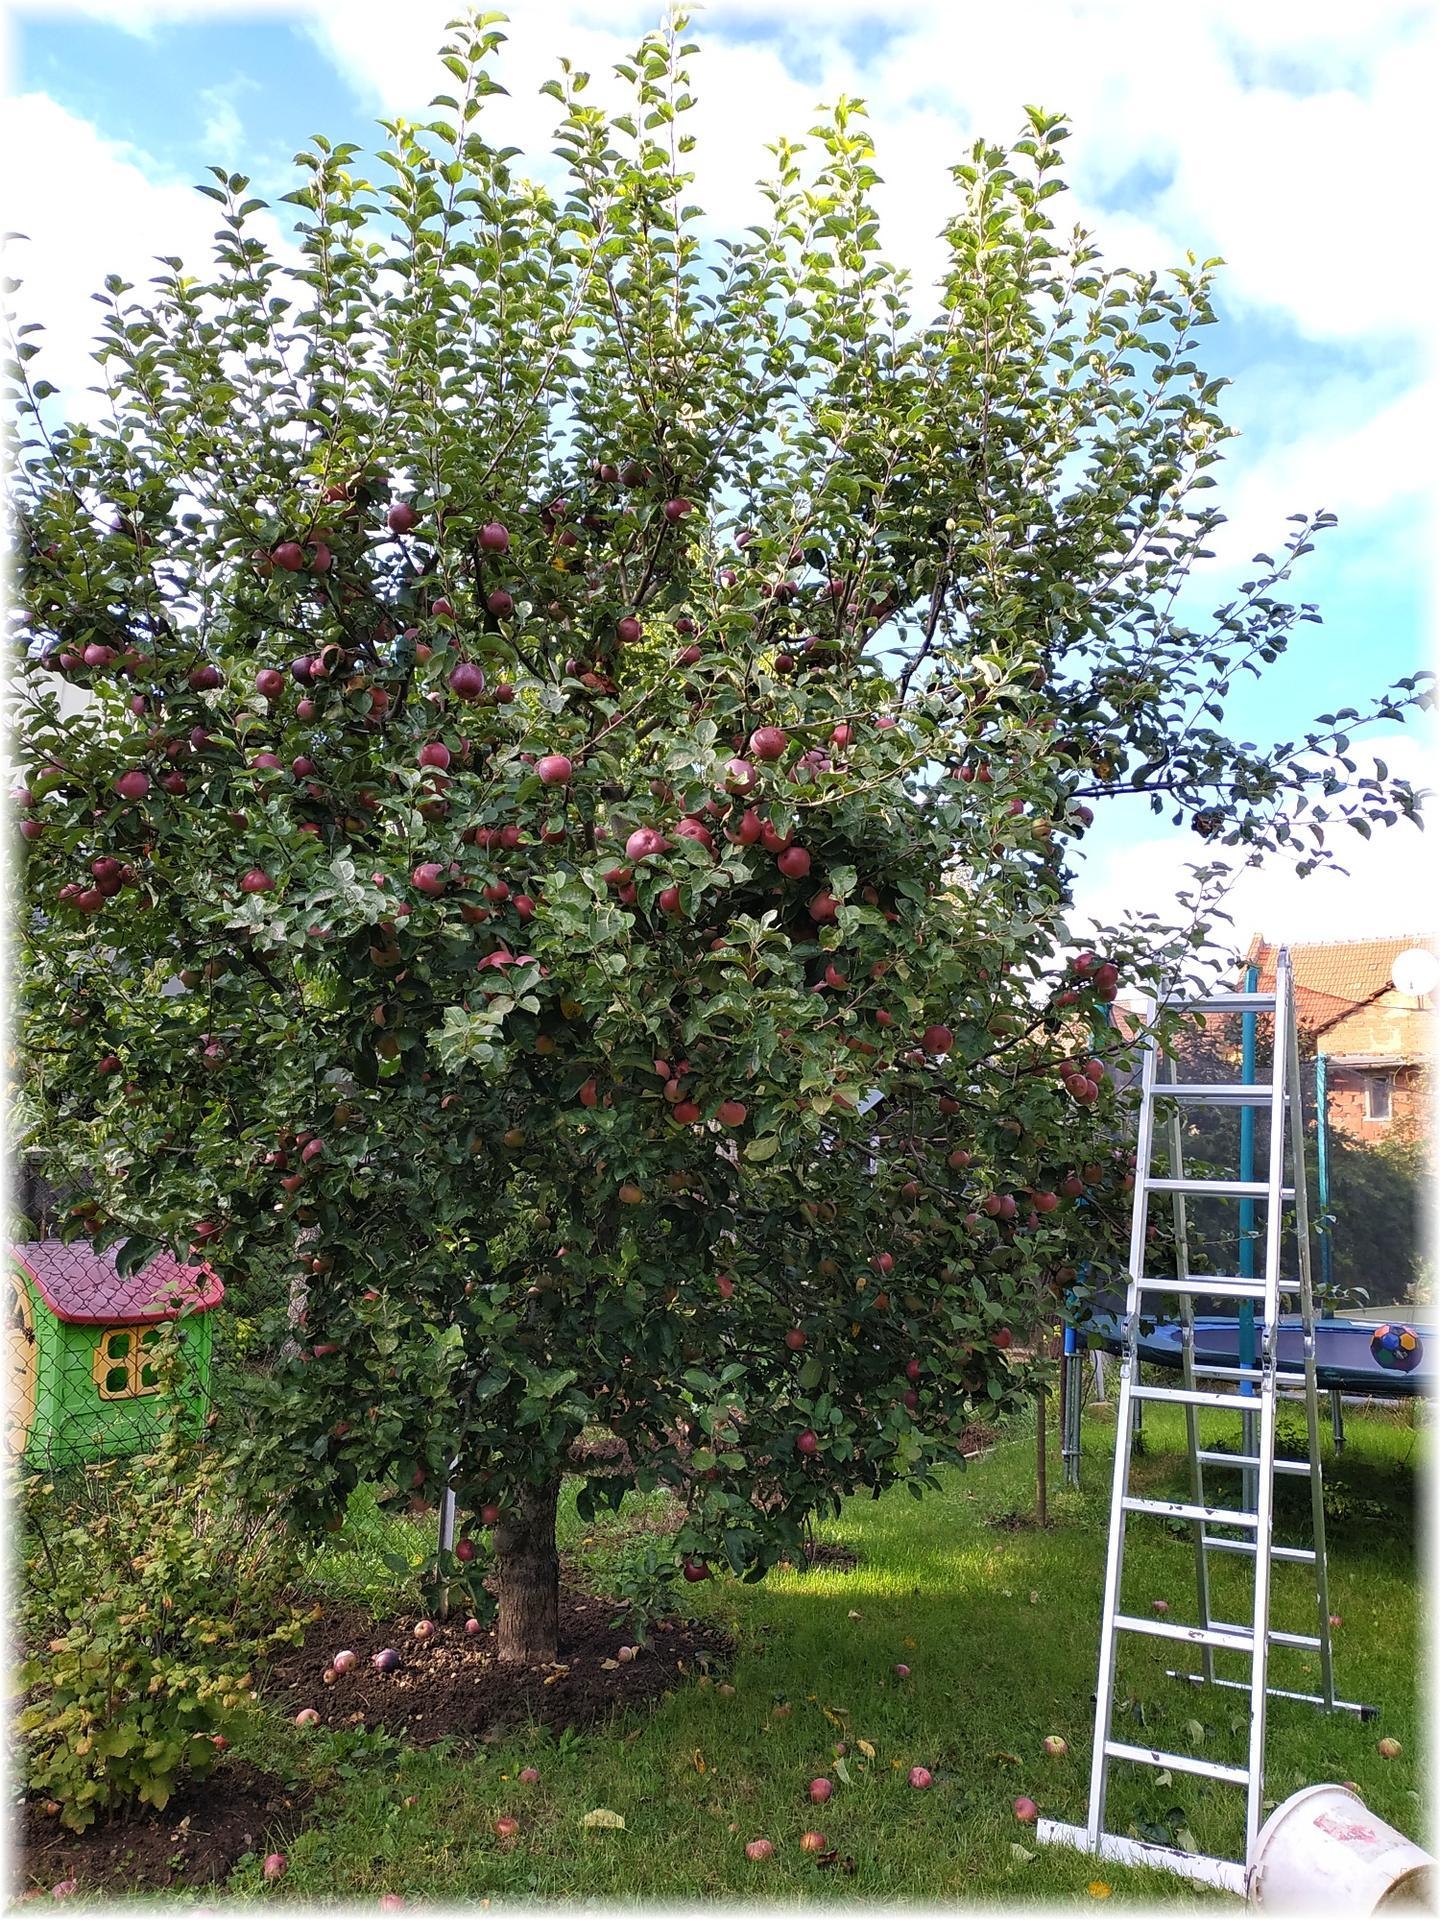 Dnes odpoledne bylo krásně, tak jsme ho strávili na zahradě. Část úrody od střechou, ale kam dáme zbytek netuším... Jablečná buchta na stole, jablečný mls a mošt v lednici, jablečná sezóna je tu :) A trvalky mi dělají pořád větší radost... - Obrázek č. 1